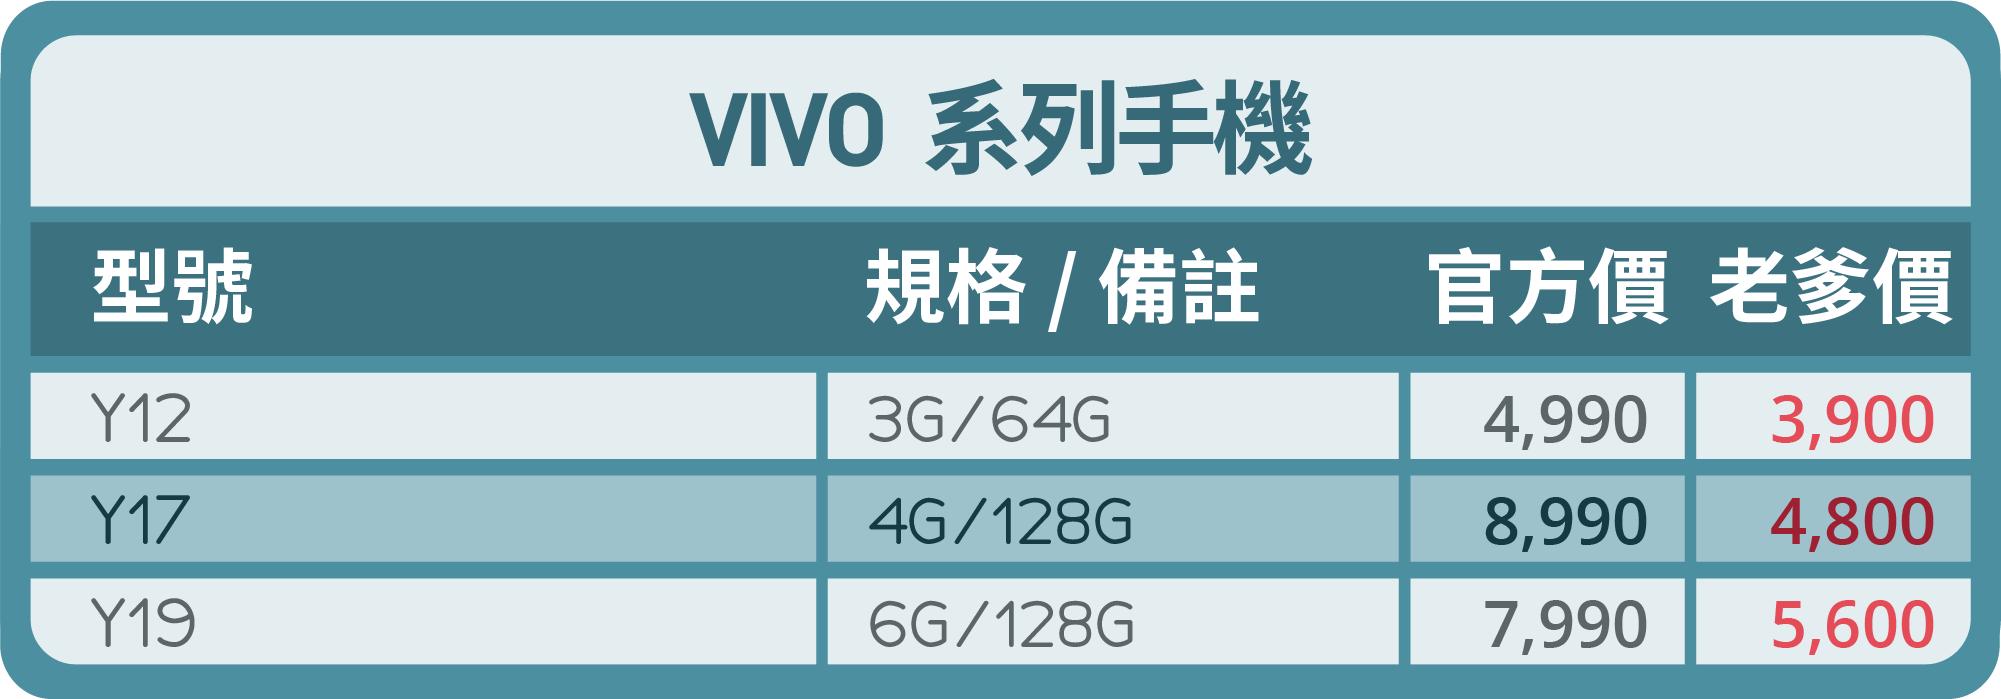 vivo系列手機-台中買手機